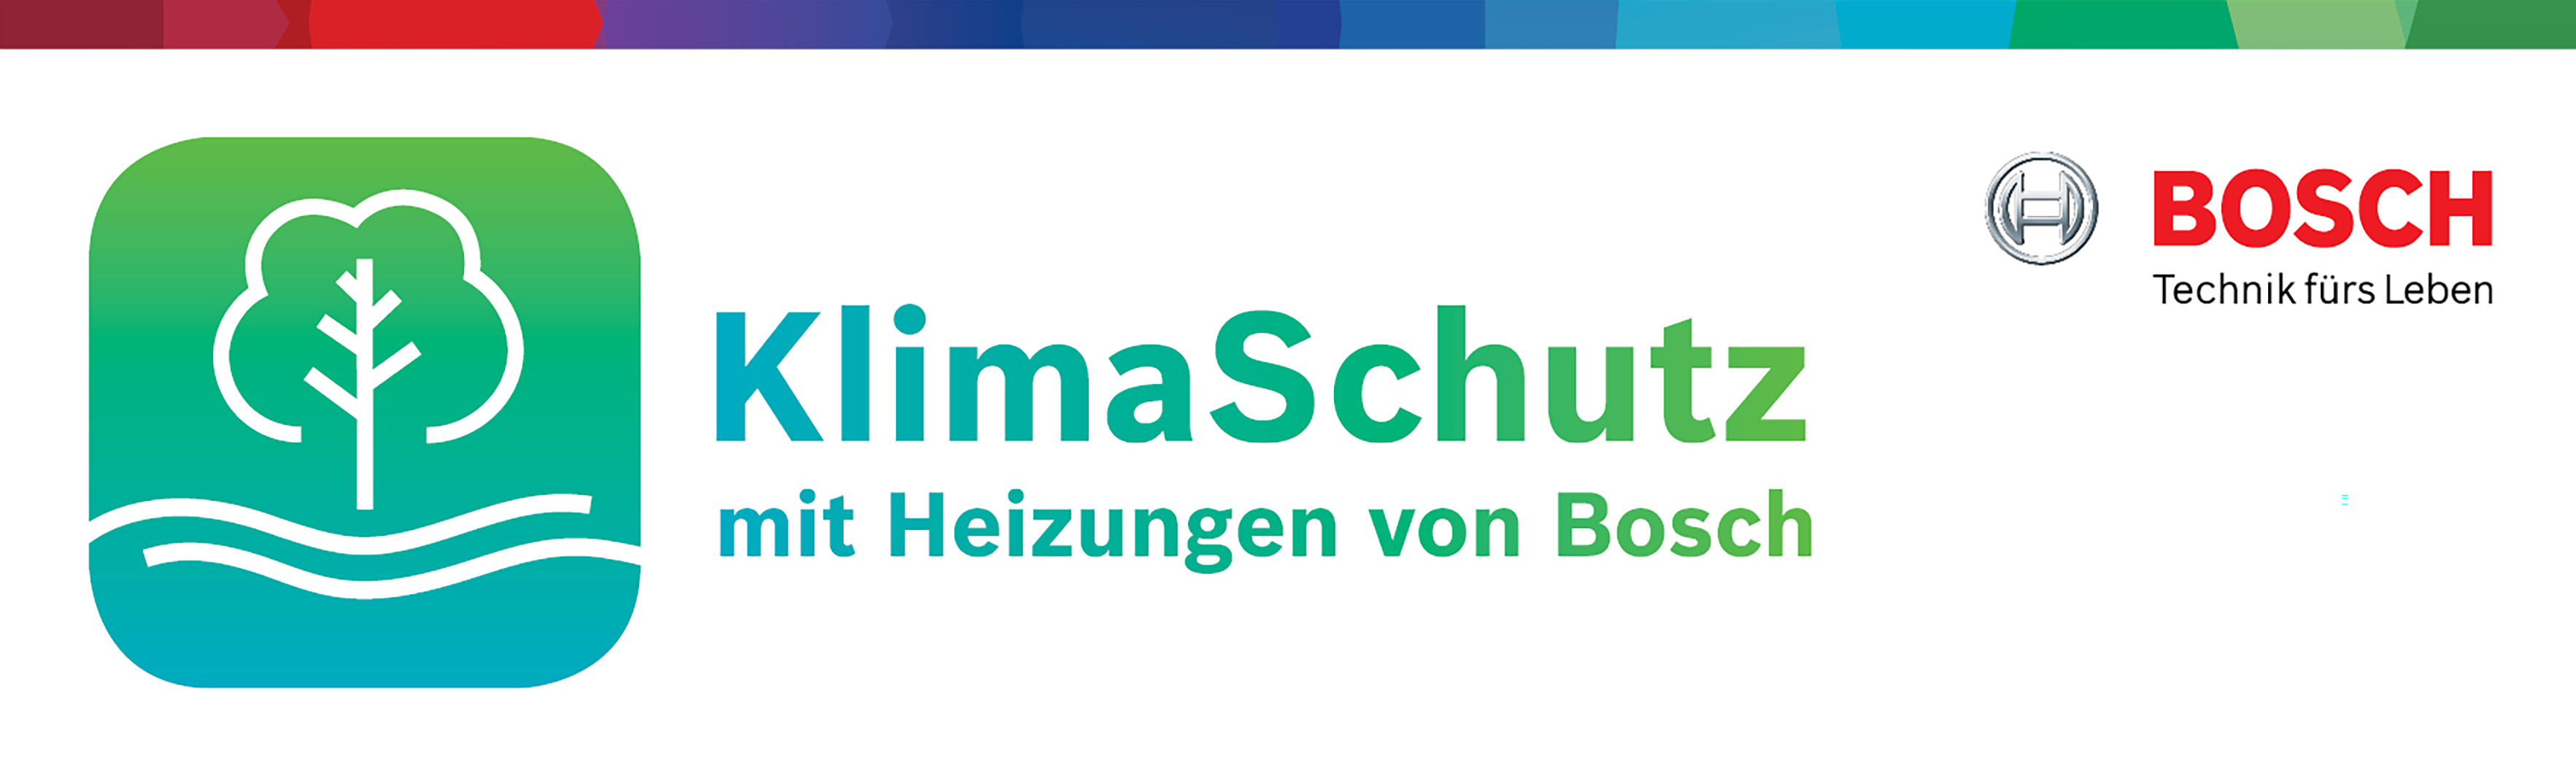 Heizung mit Bosch